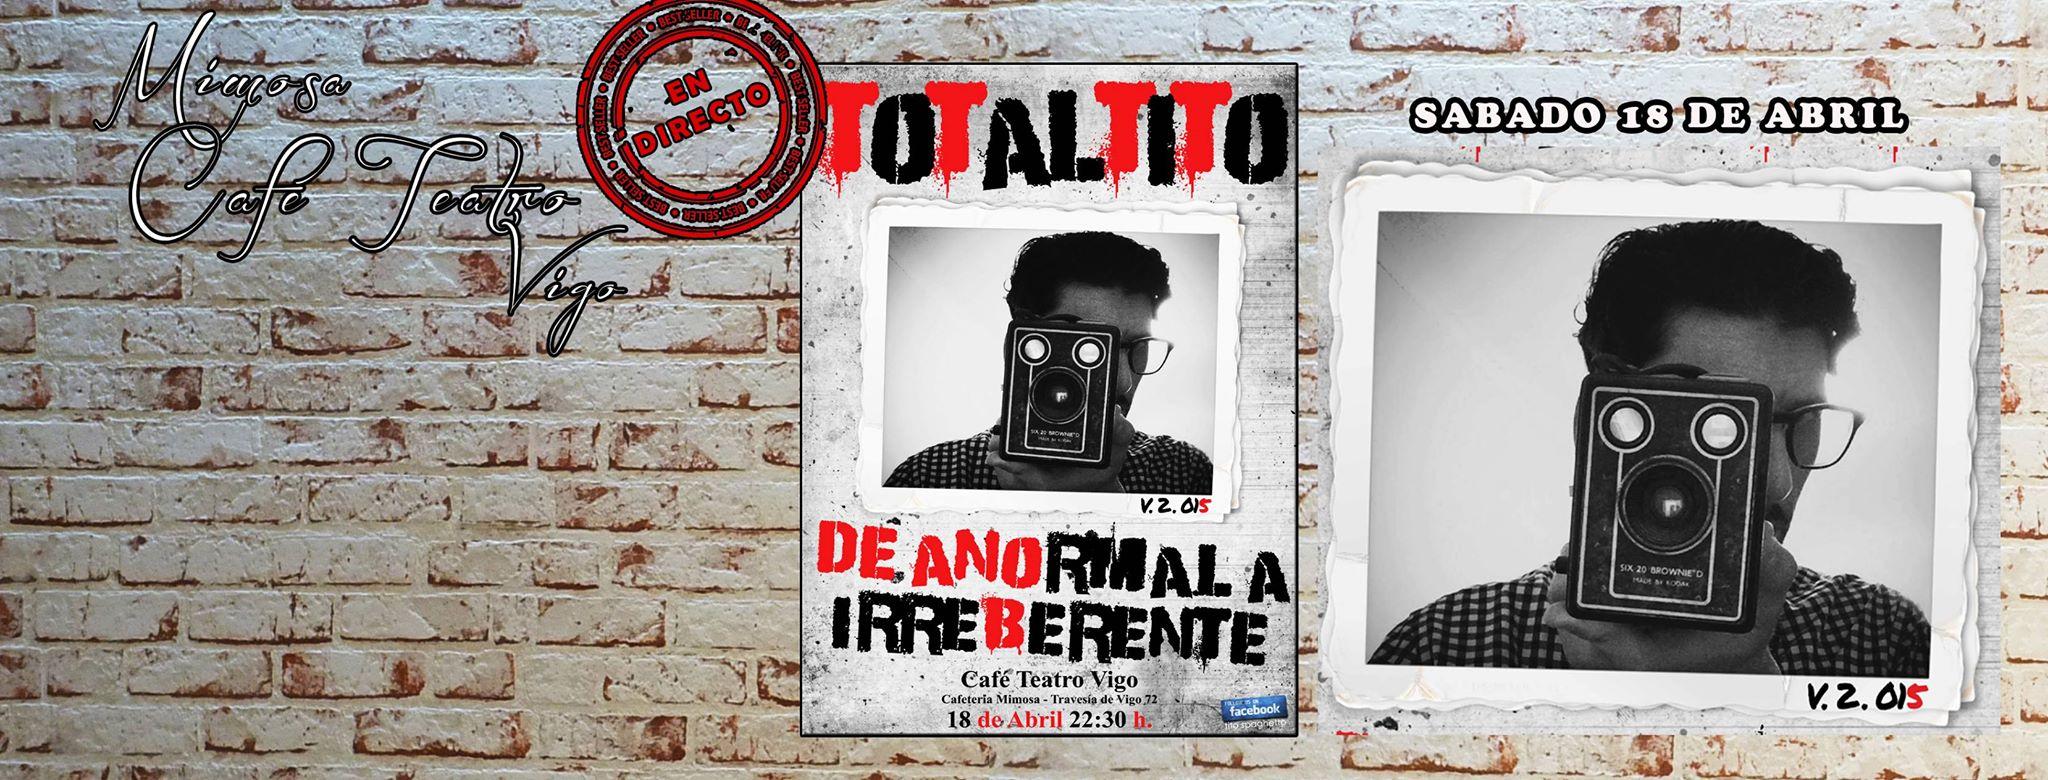 TotalTito 2015